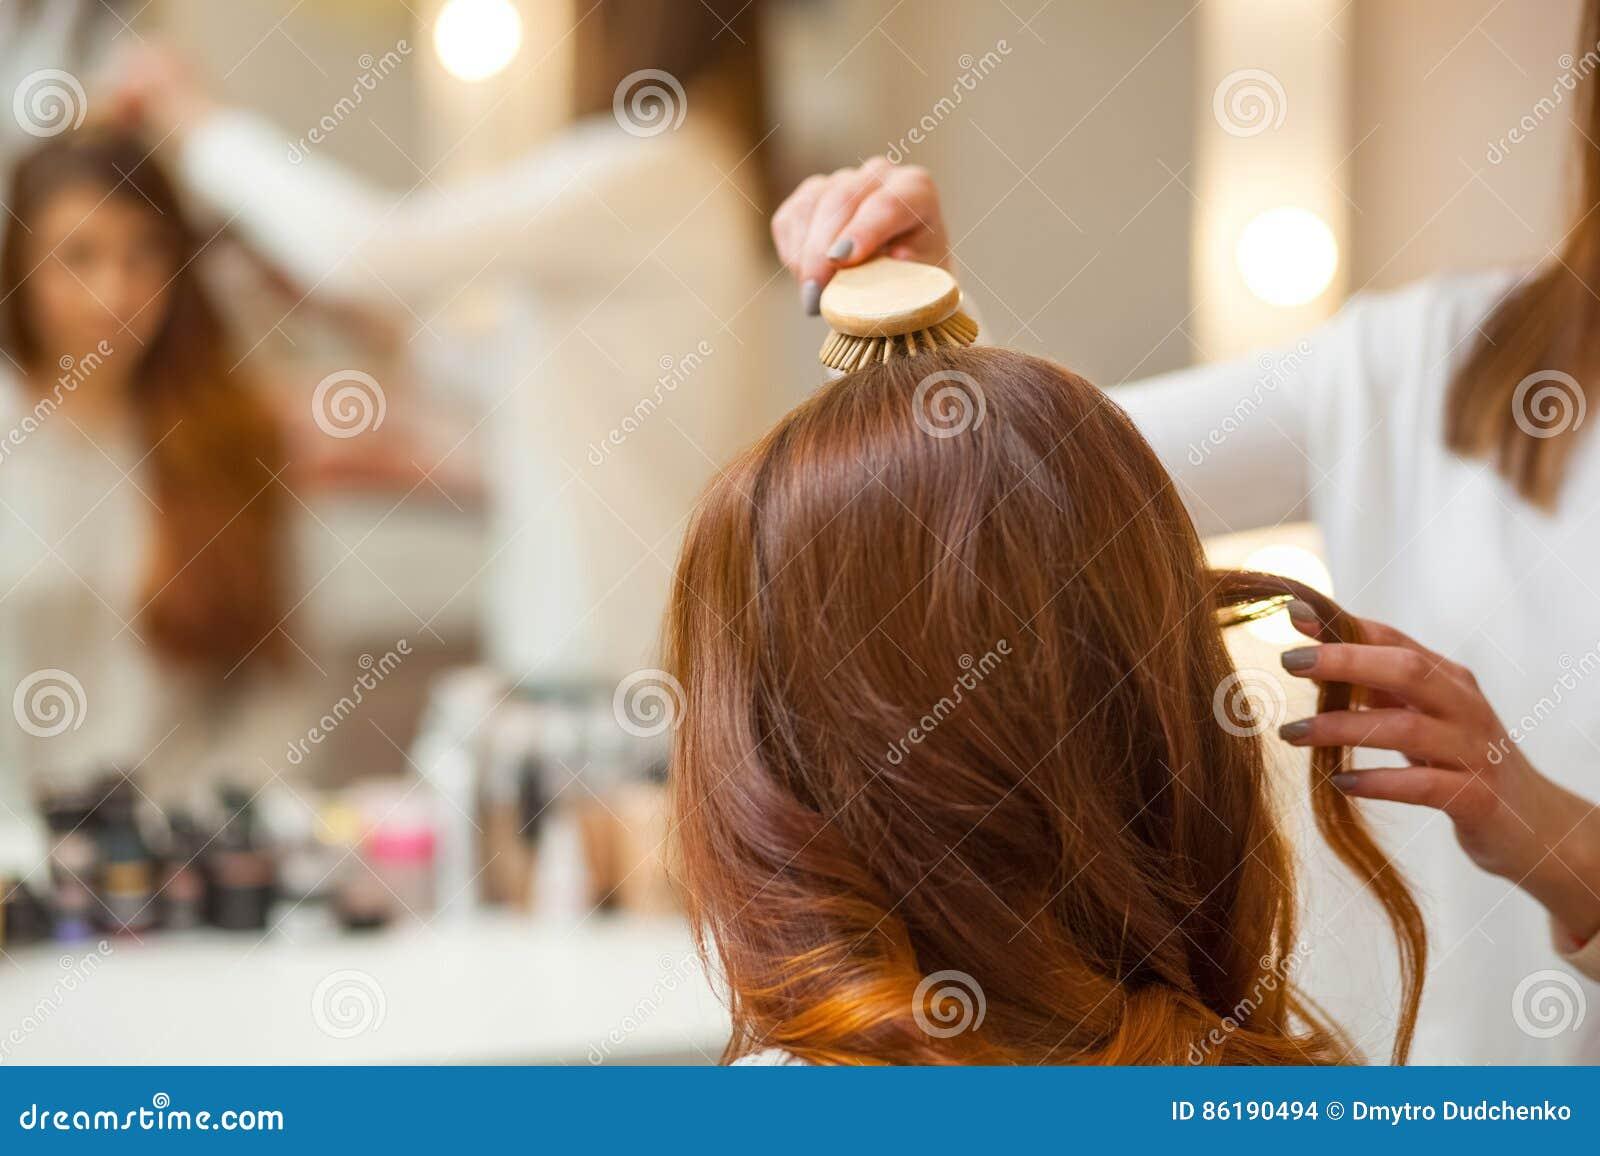 梳她他的美容院的客户的长,红色头发的美发师